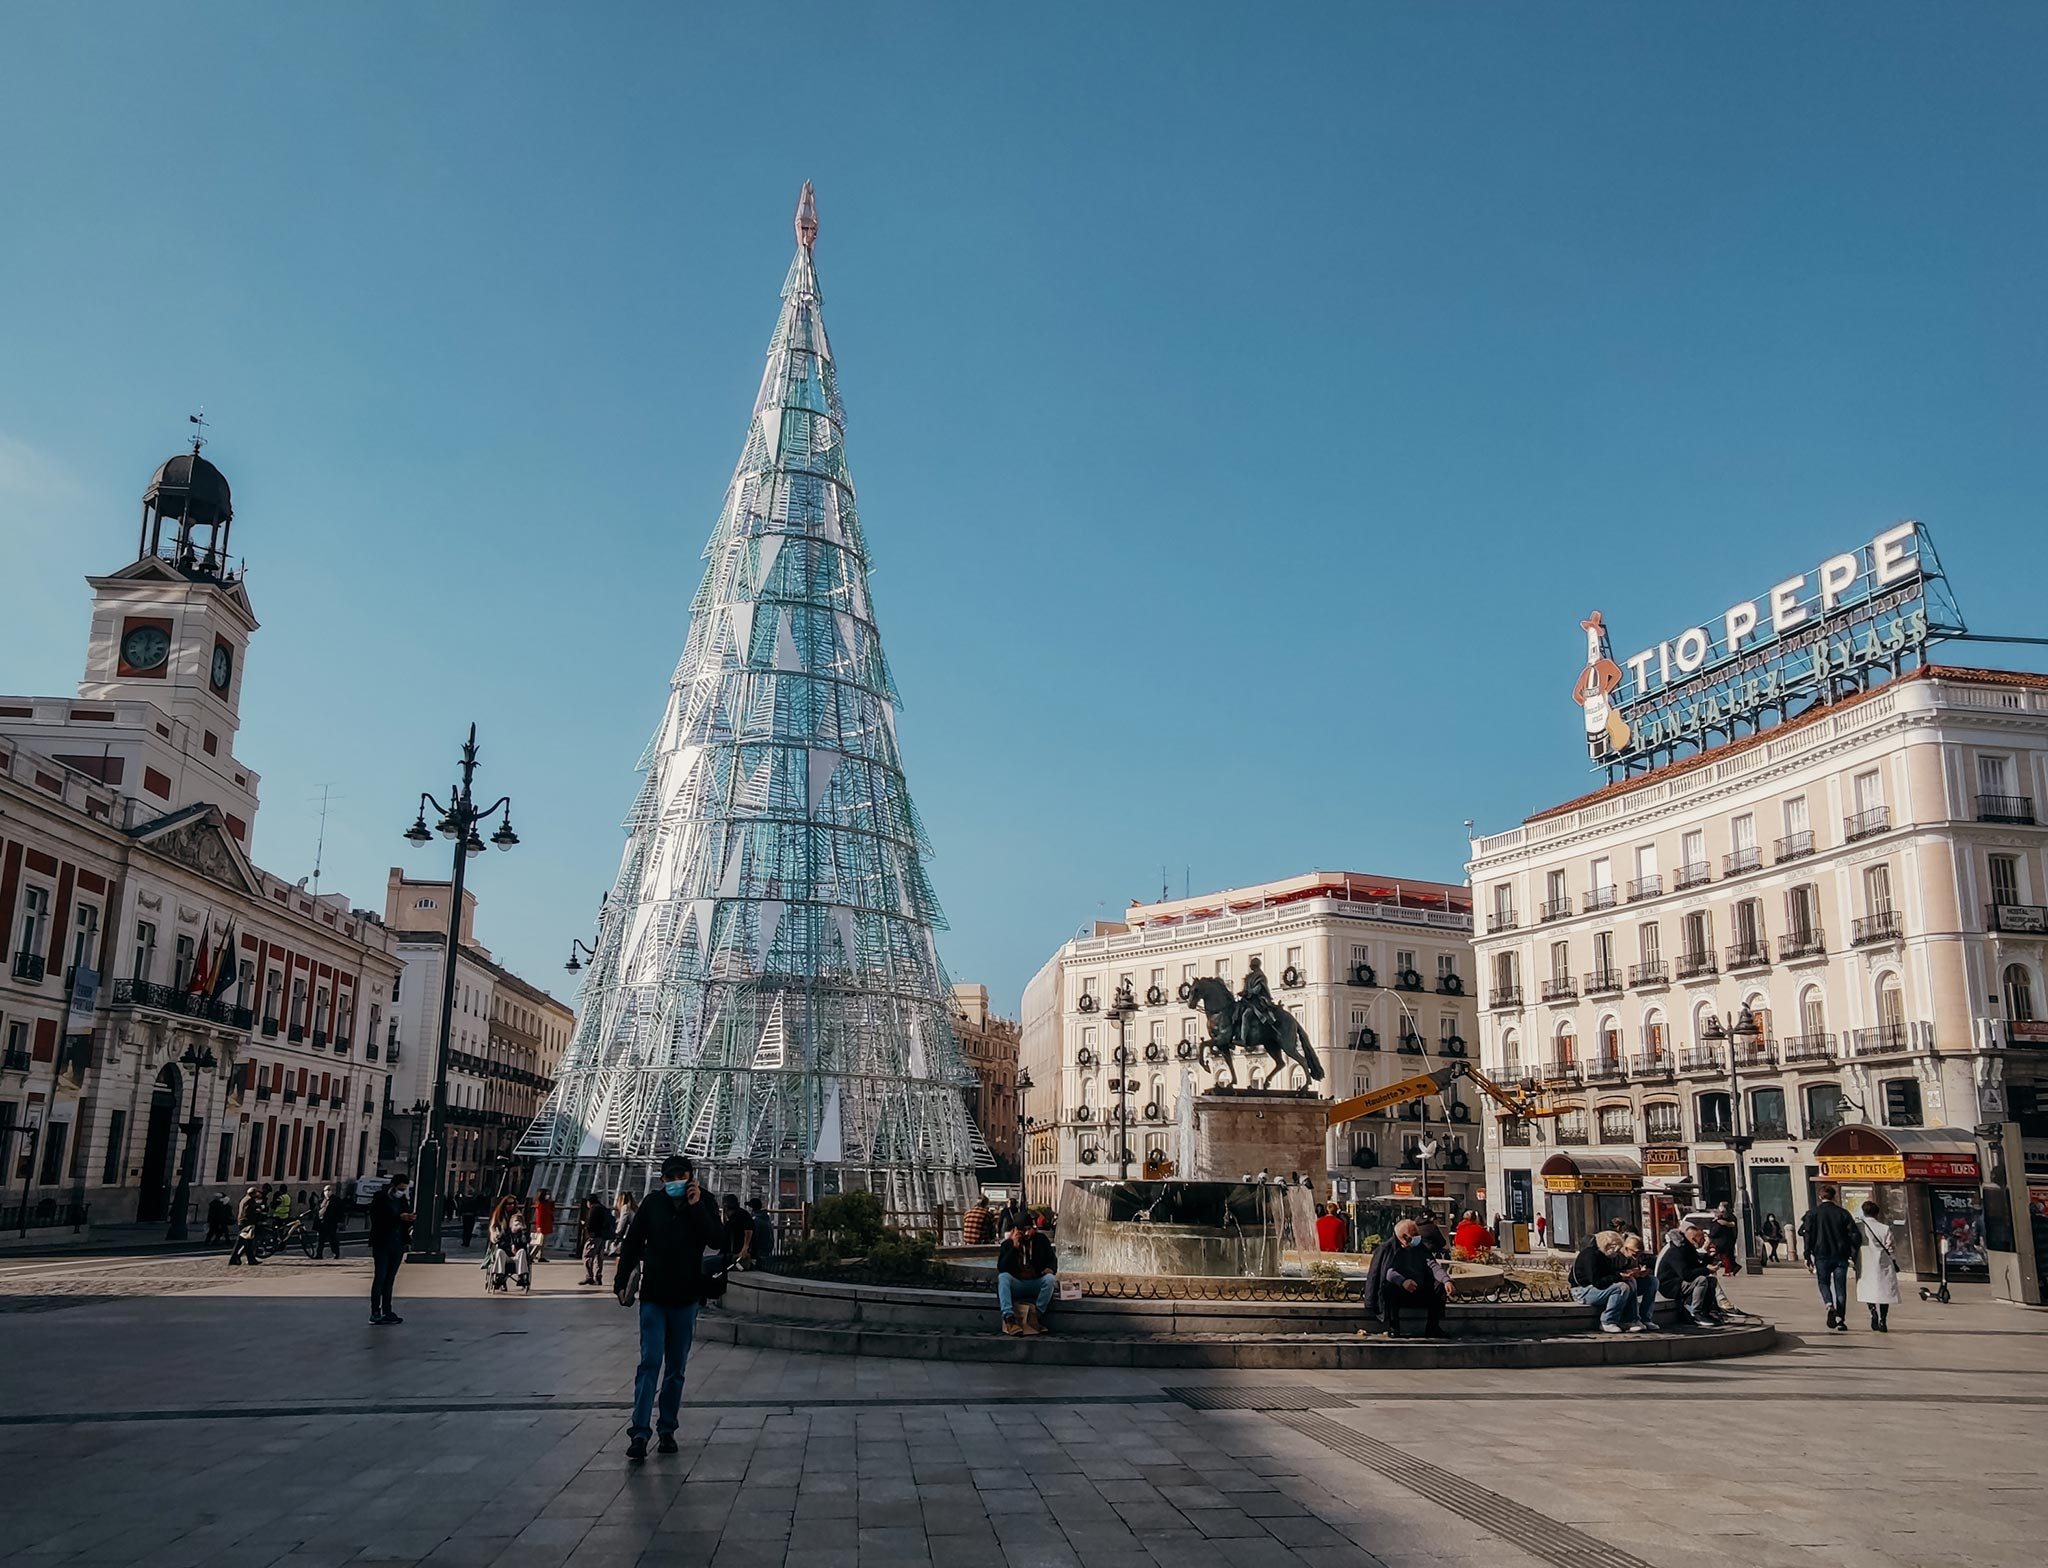 Puerta del Sol. Kuva: Alvaro Araoz, Unsplash